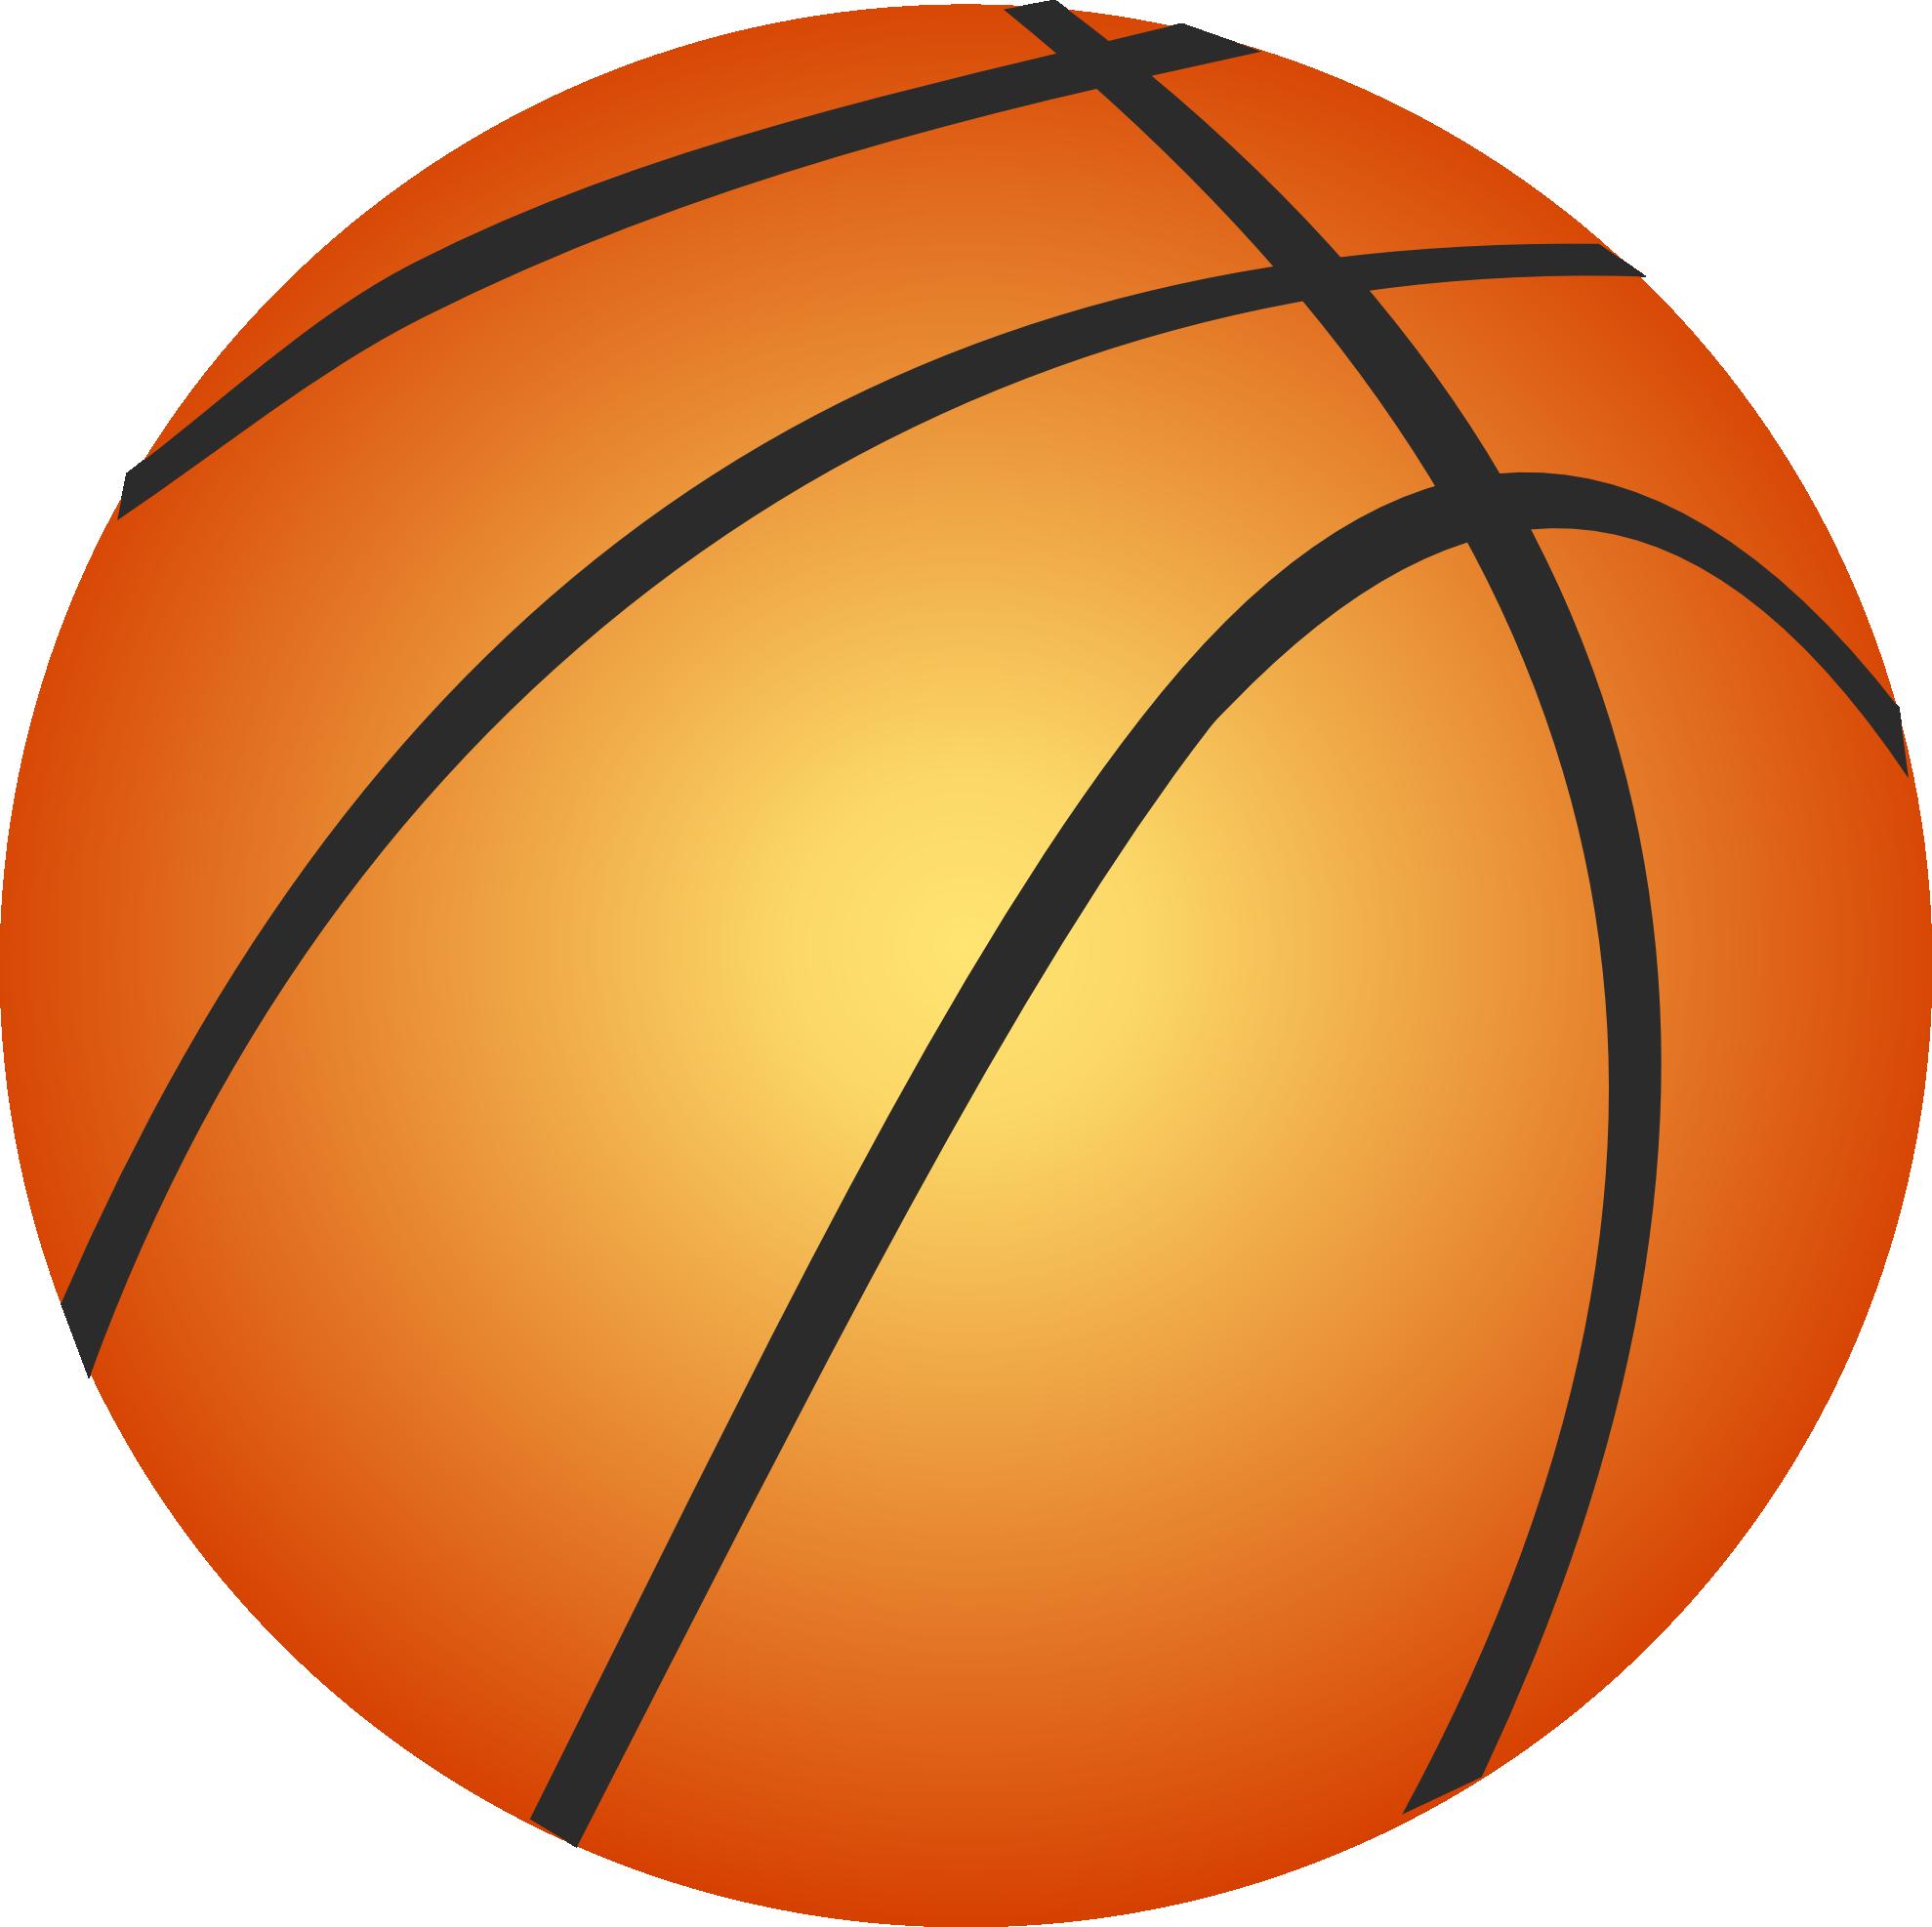 Basketball ball clipart.